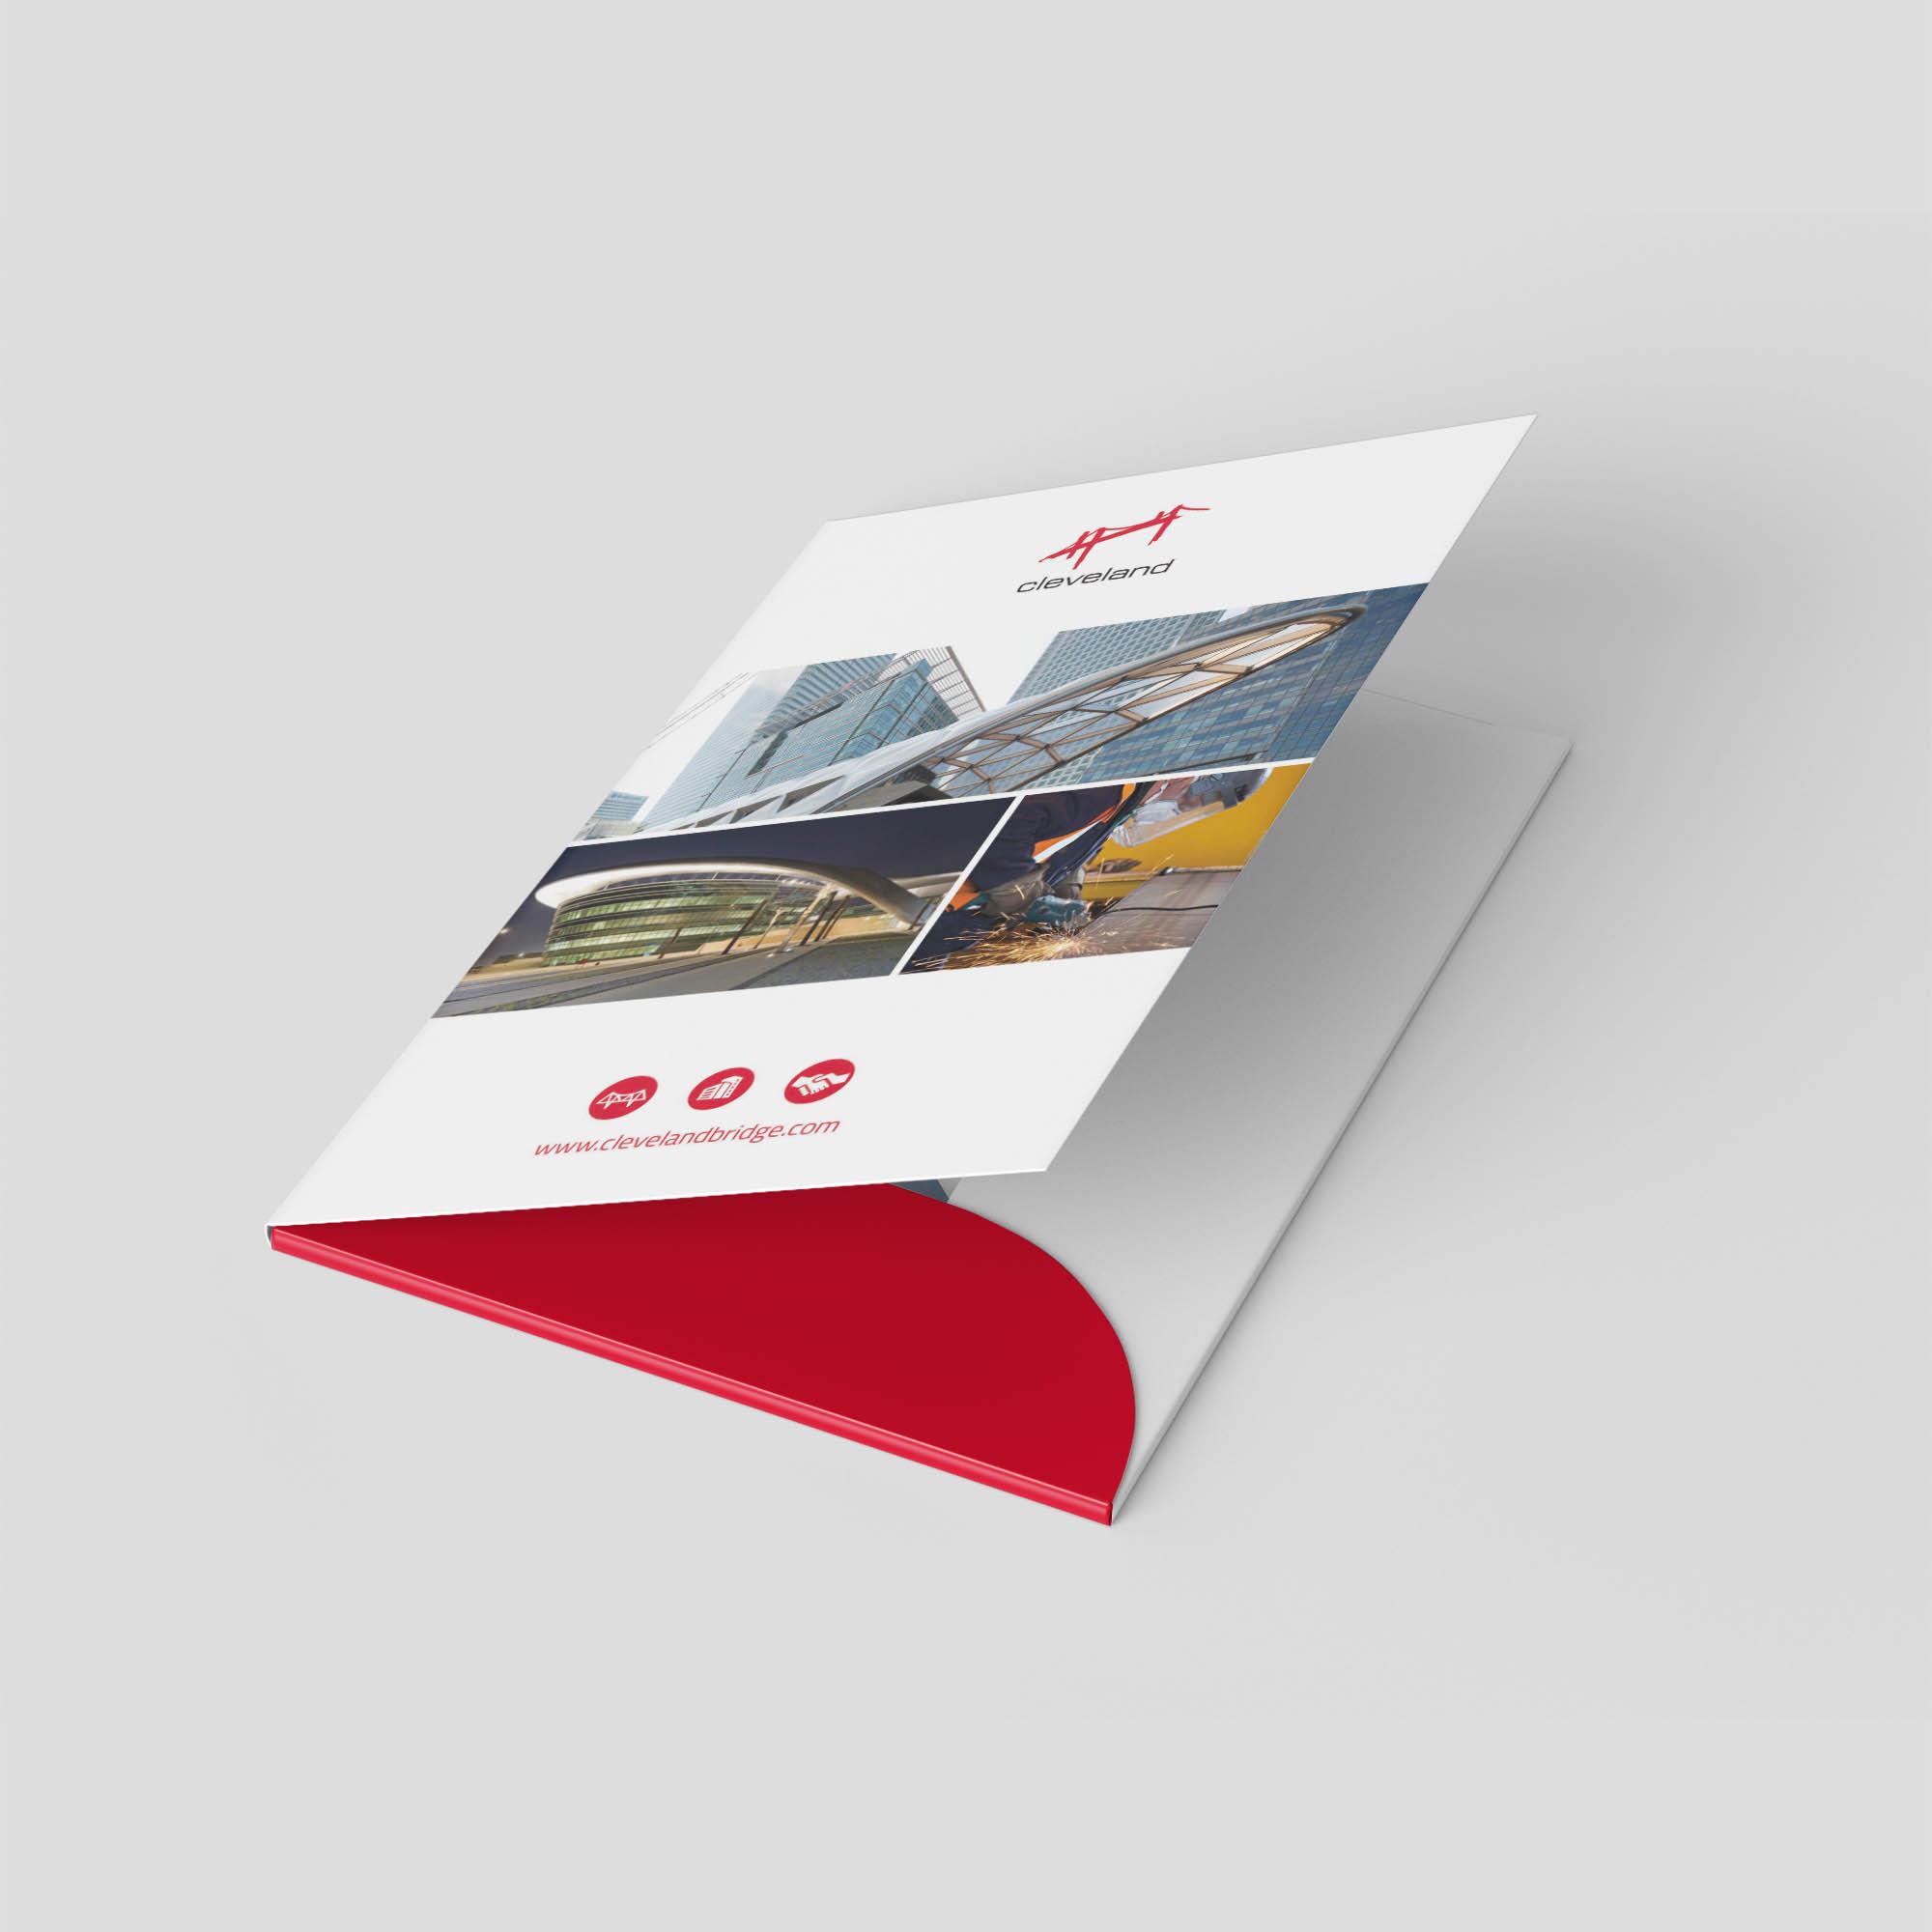 Cleveland Bridge Presentation Folder inside